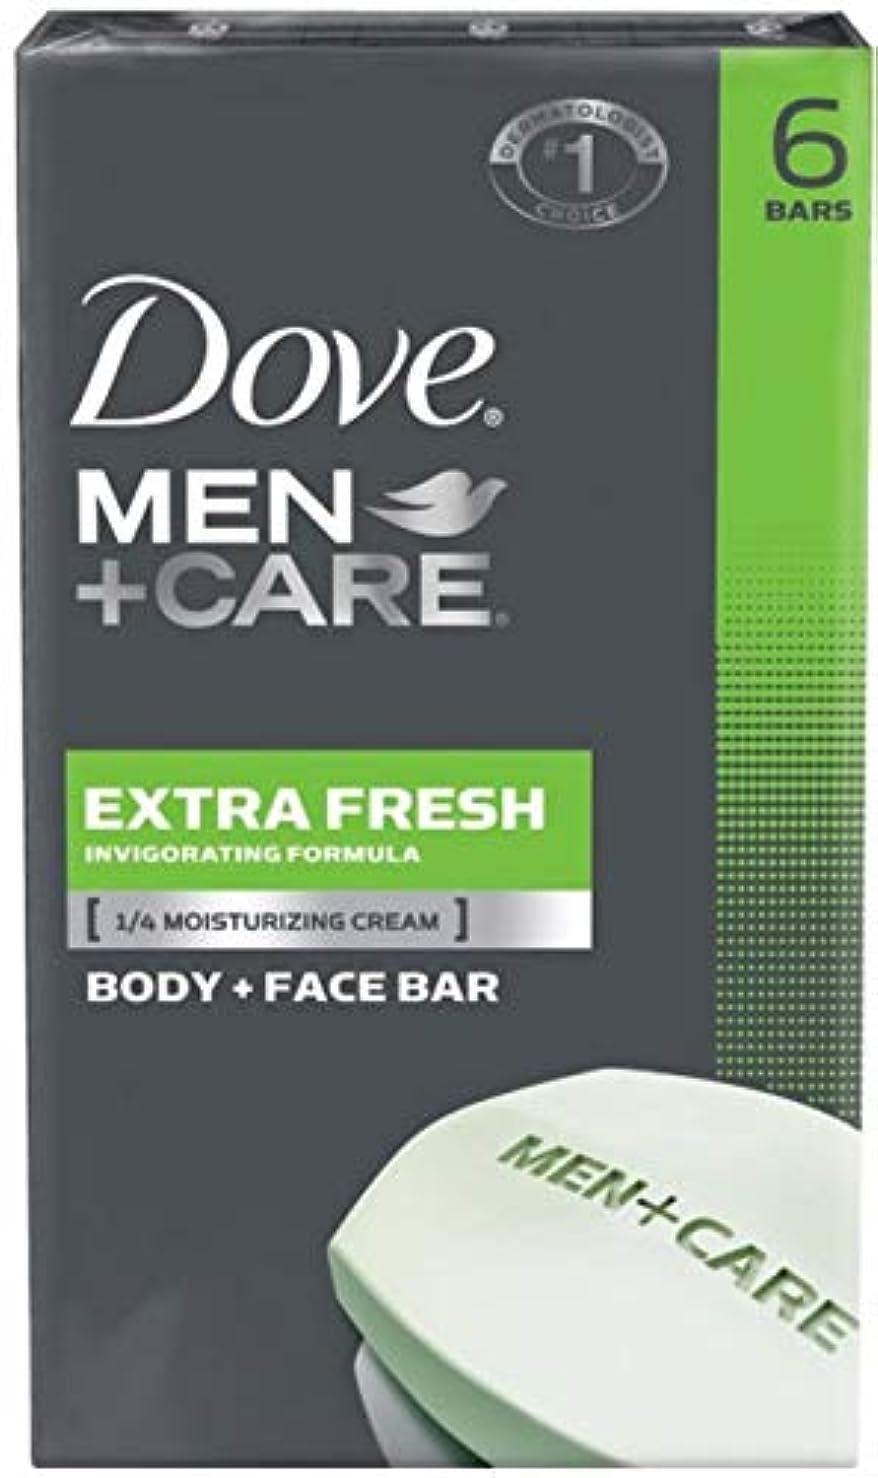 日付付き物理学者灰Dove Men + Care Body and Face Bar, Extra Fresh 4oz x 6soaps ダブ メン プラスケア エクストラフレッシュ 固形石鹸 4oz x 6個パック